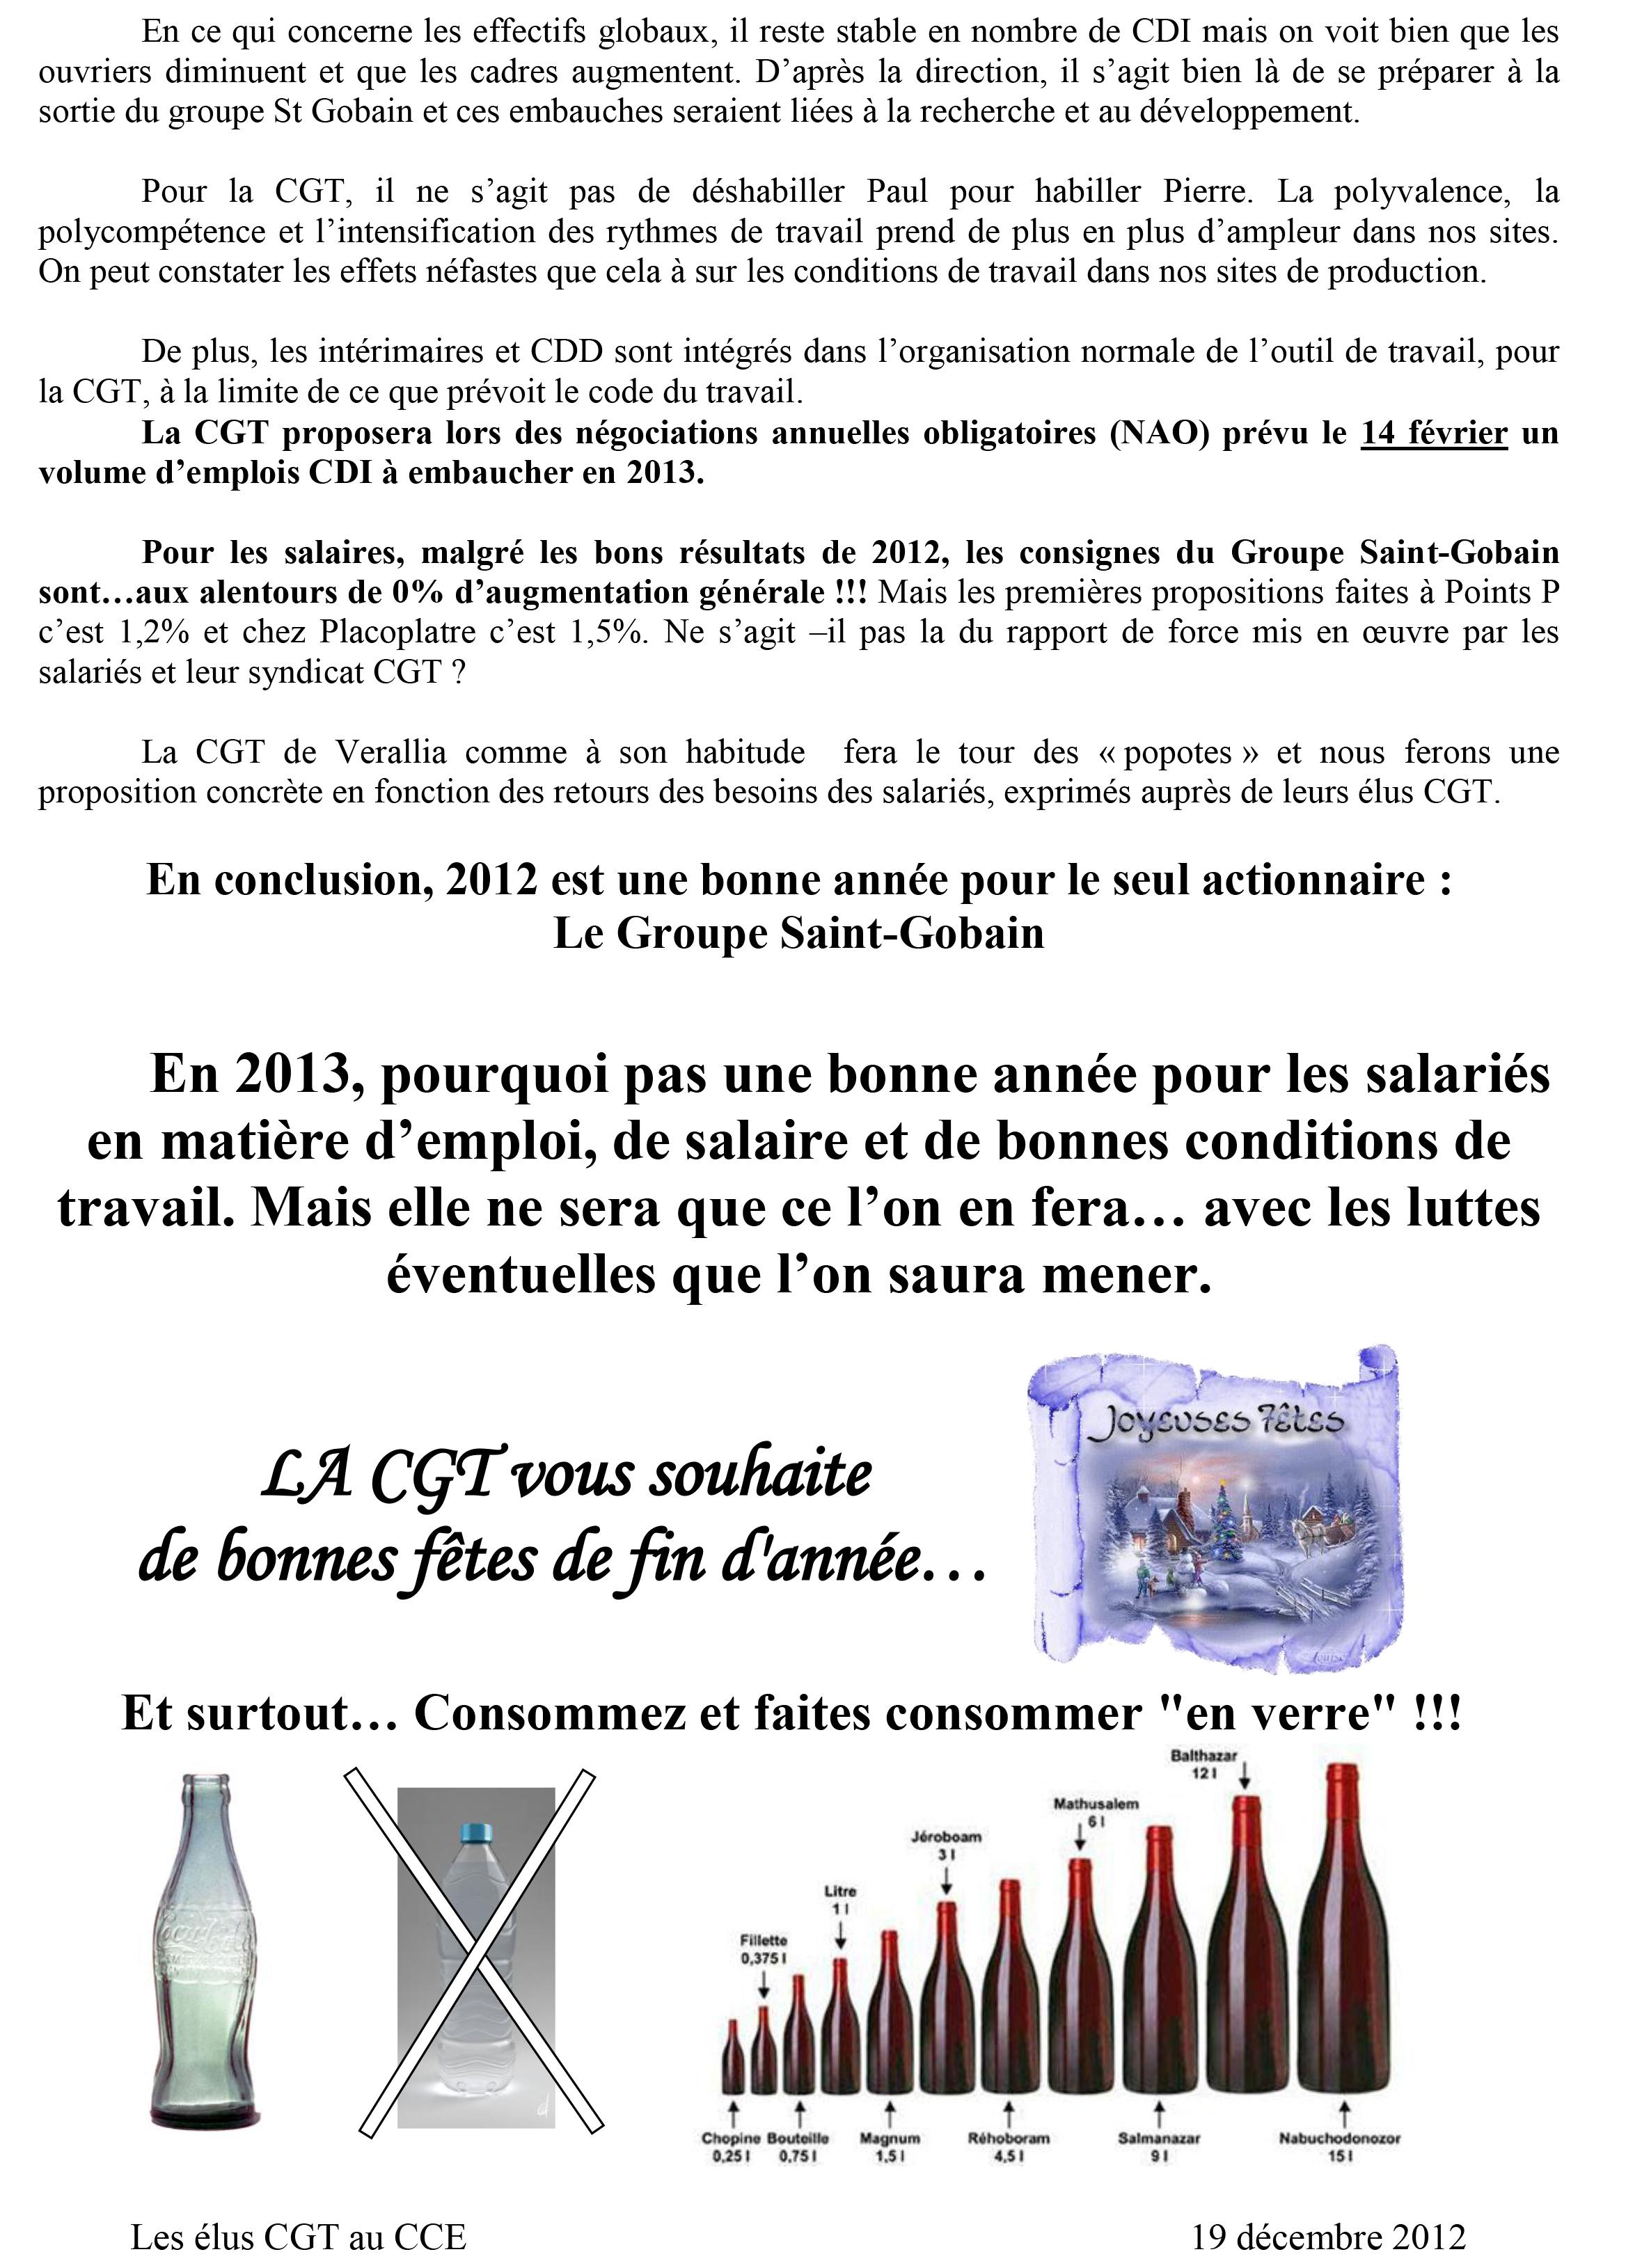 http://nsm08.casimages.com/img/2012/12/19/1212190236283204010680232.jpg